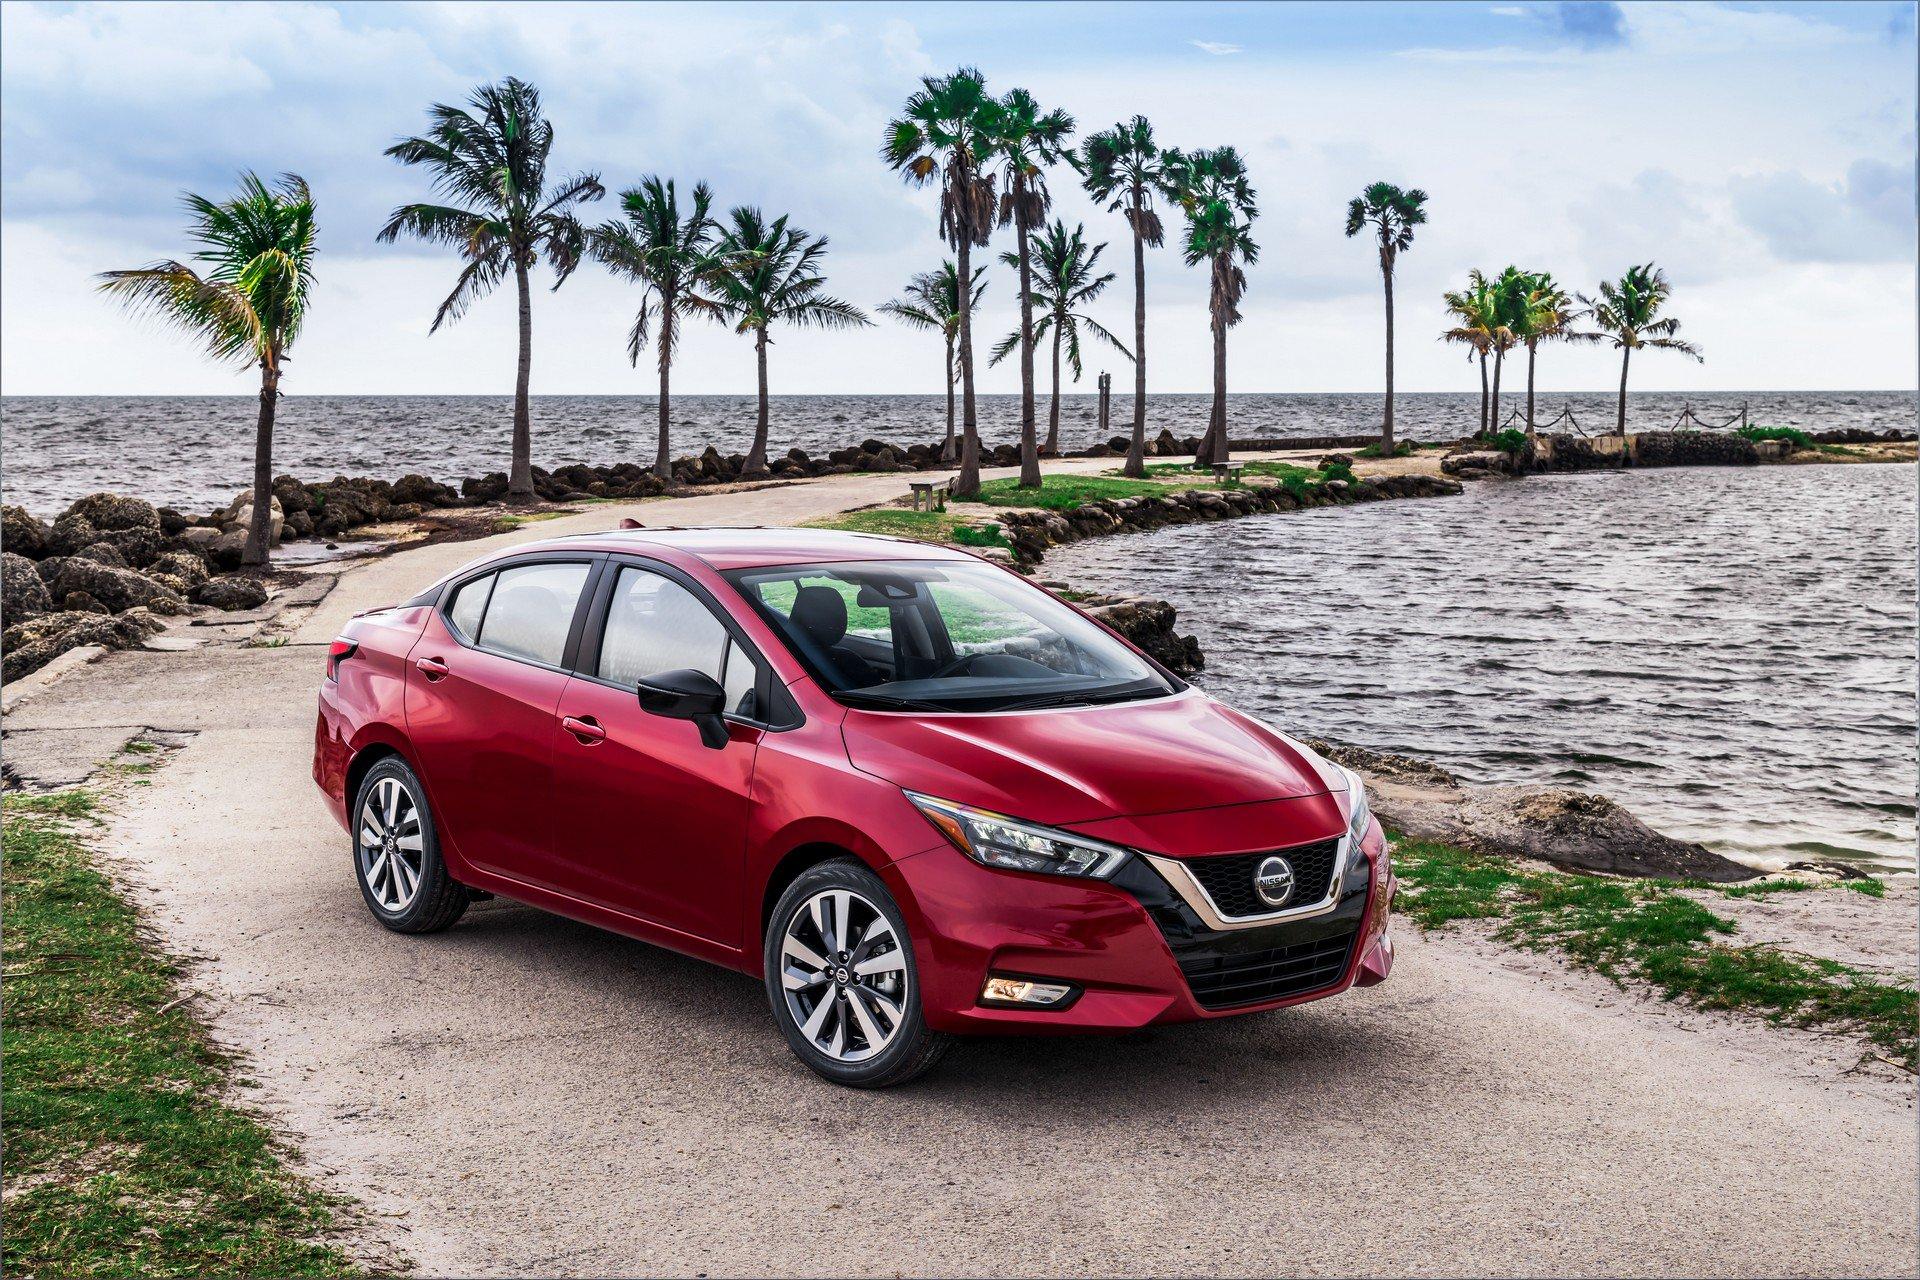 All-new Nissan Almera จ่ออาจเข้ามาเปิดตัวในไทยเร็วๆนี้ 1